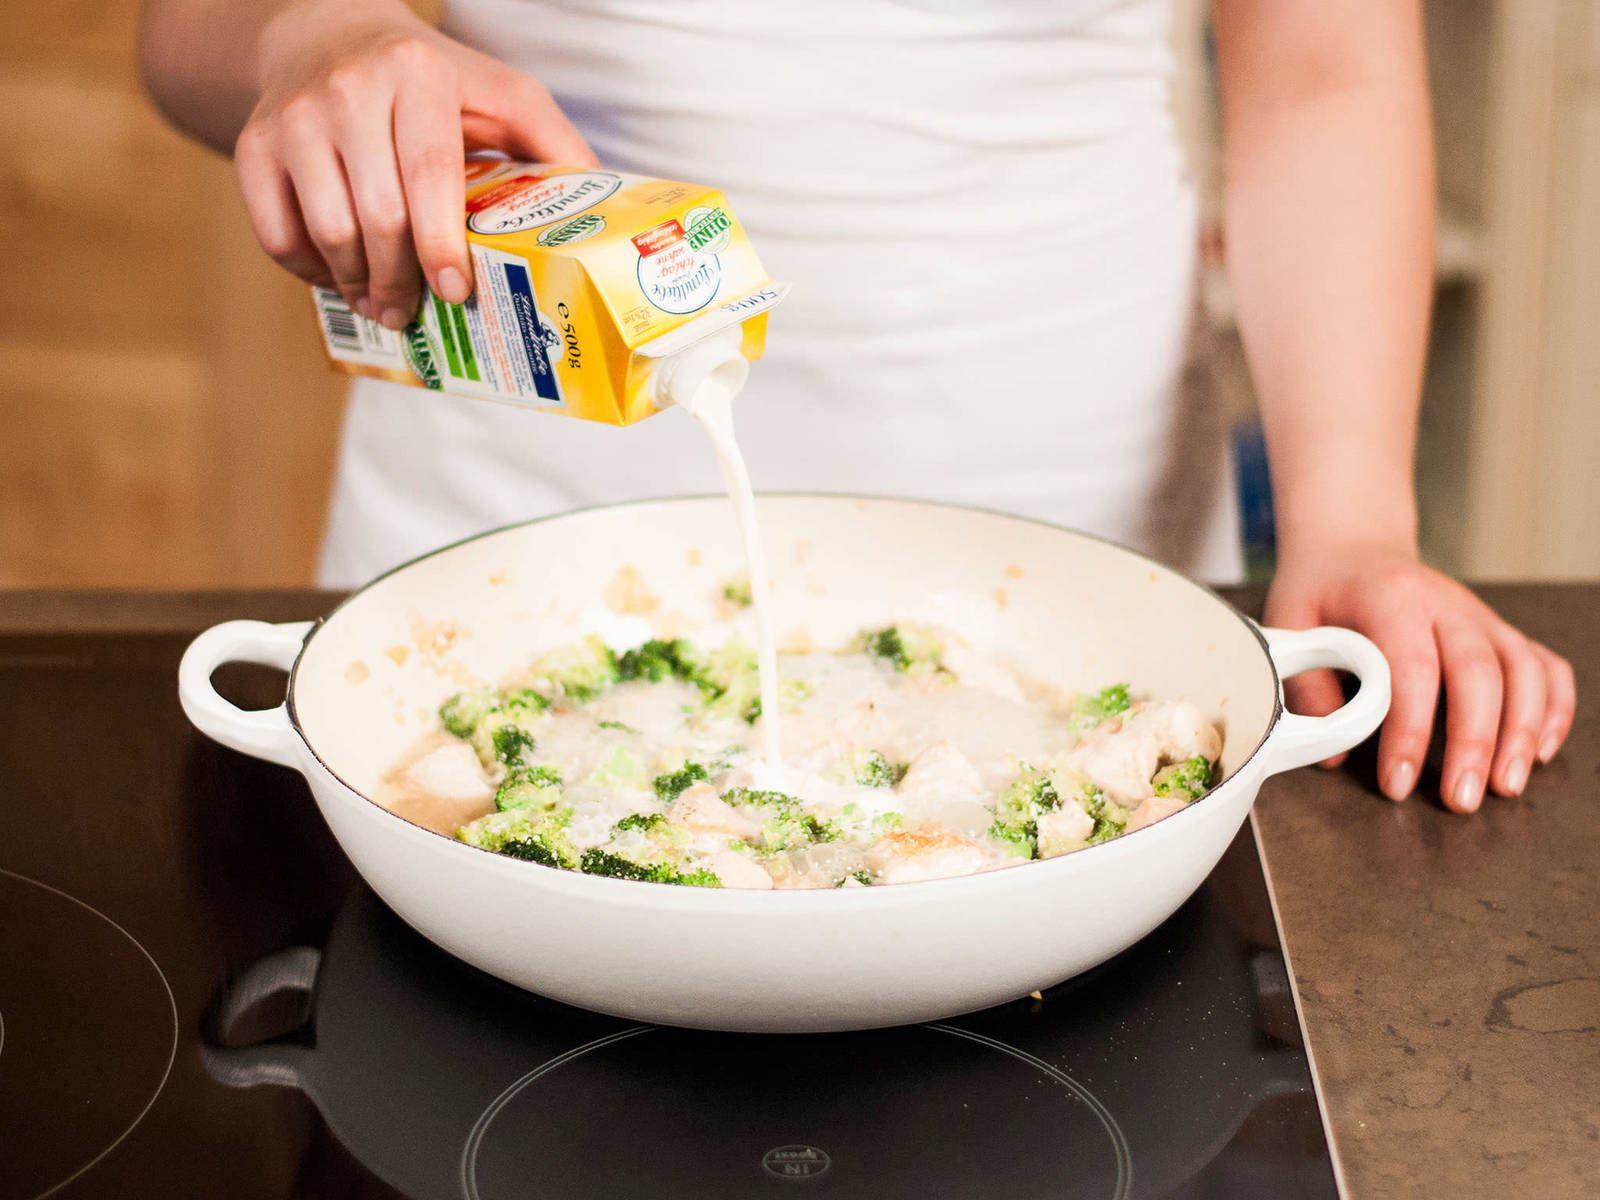 Nun etwas vom aufgefangenen Nudelwasser sowie die Sahne hinzugeben. Alles gut vermengen und für ca. 5 – 7 Min. zu einer sämigen Soße einkochen lassen.